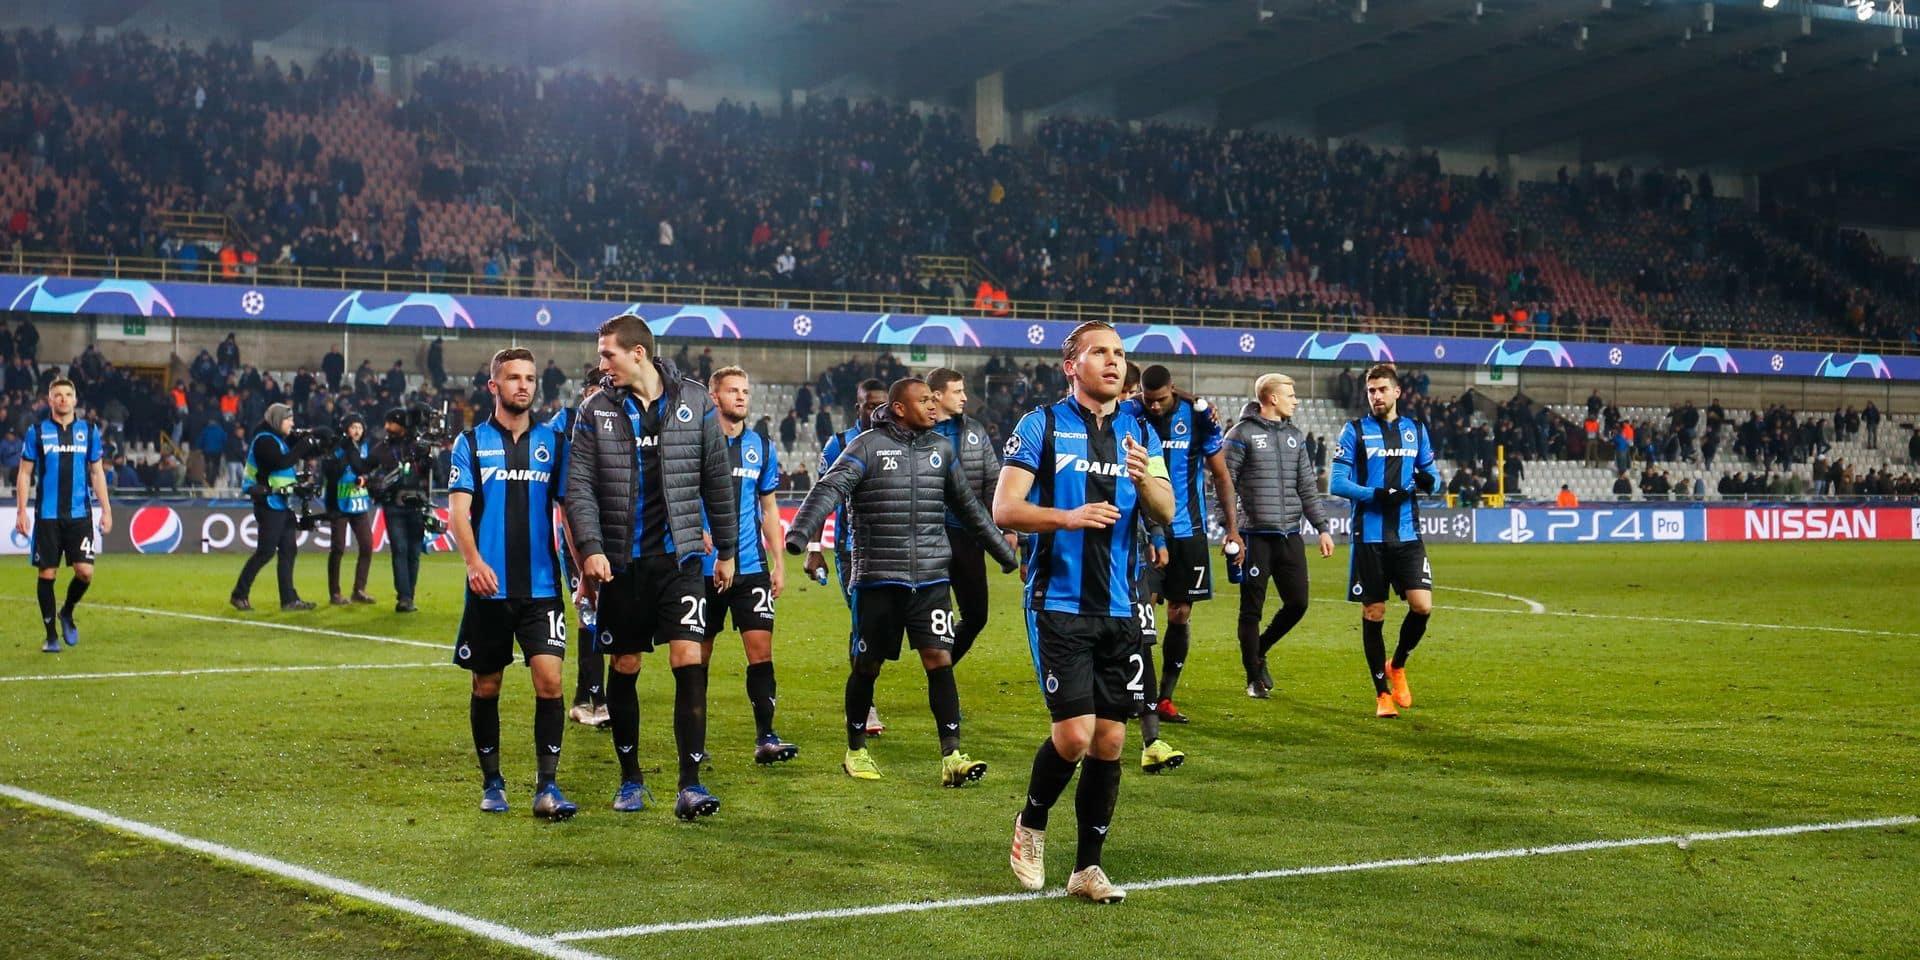 Pas tête de série en Europa League, le FC Bruges risque d'affronter du lourd en seizièmes de finale